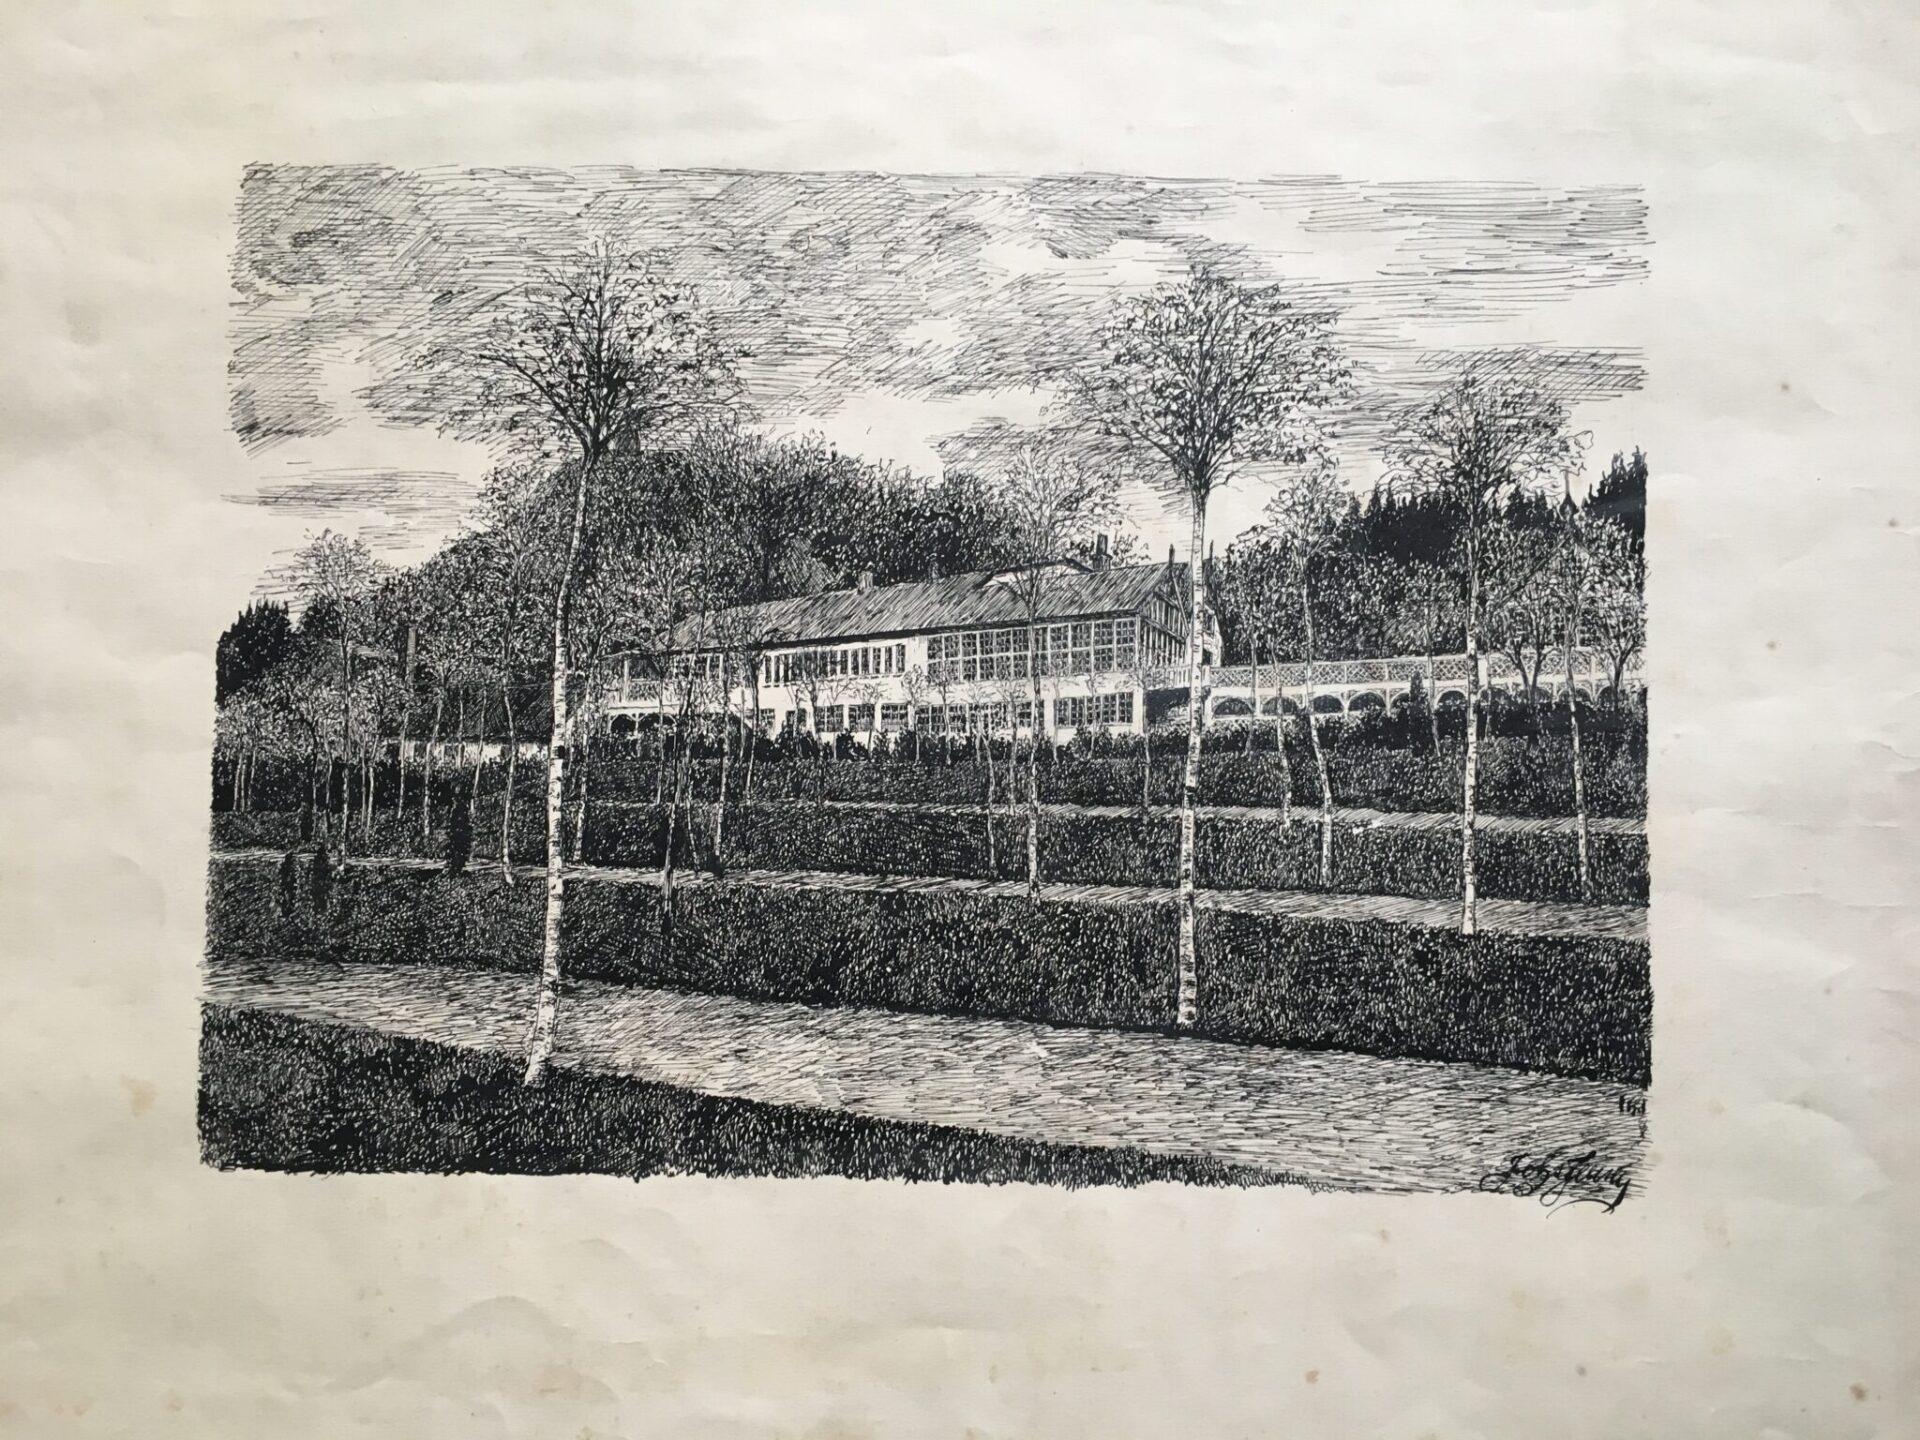 Tuschtegning af Trædballehus, Vejle (bladstørrelse 60x50 cm), pris 200 kr